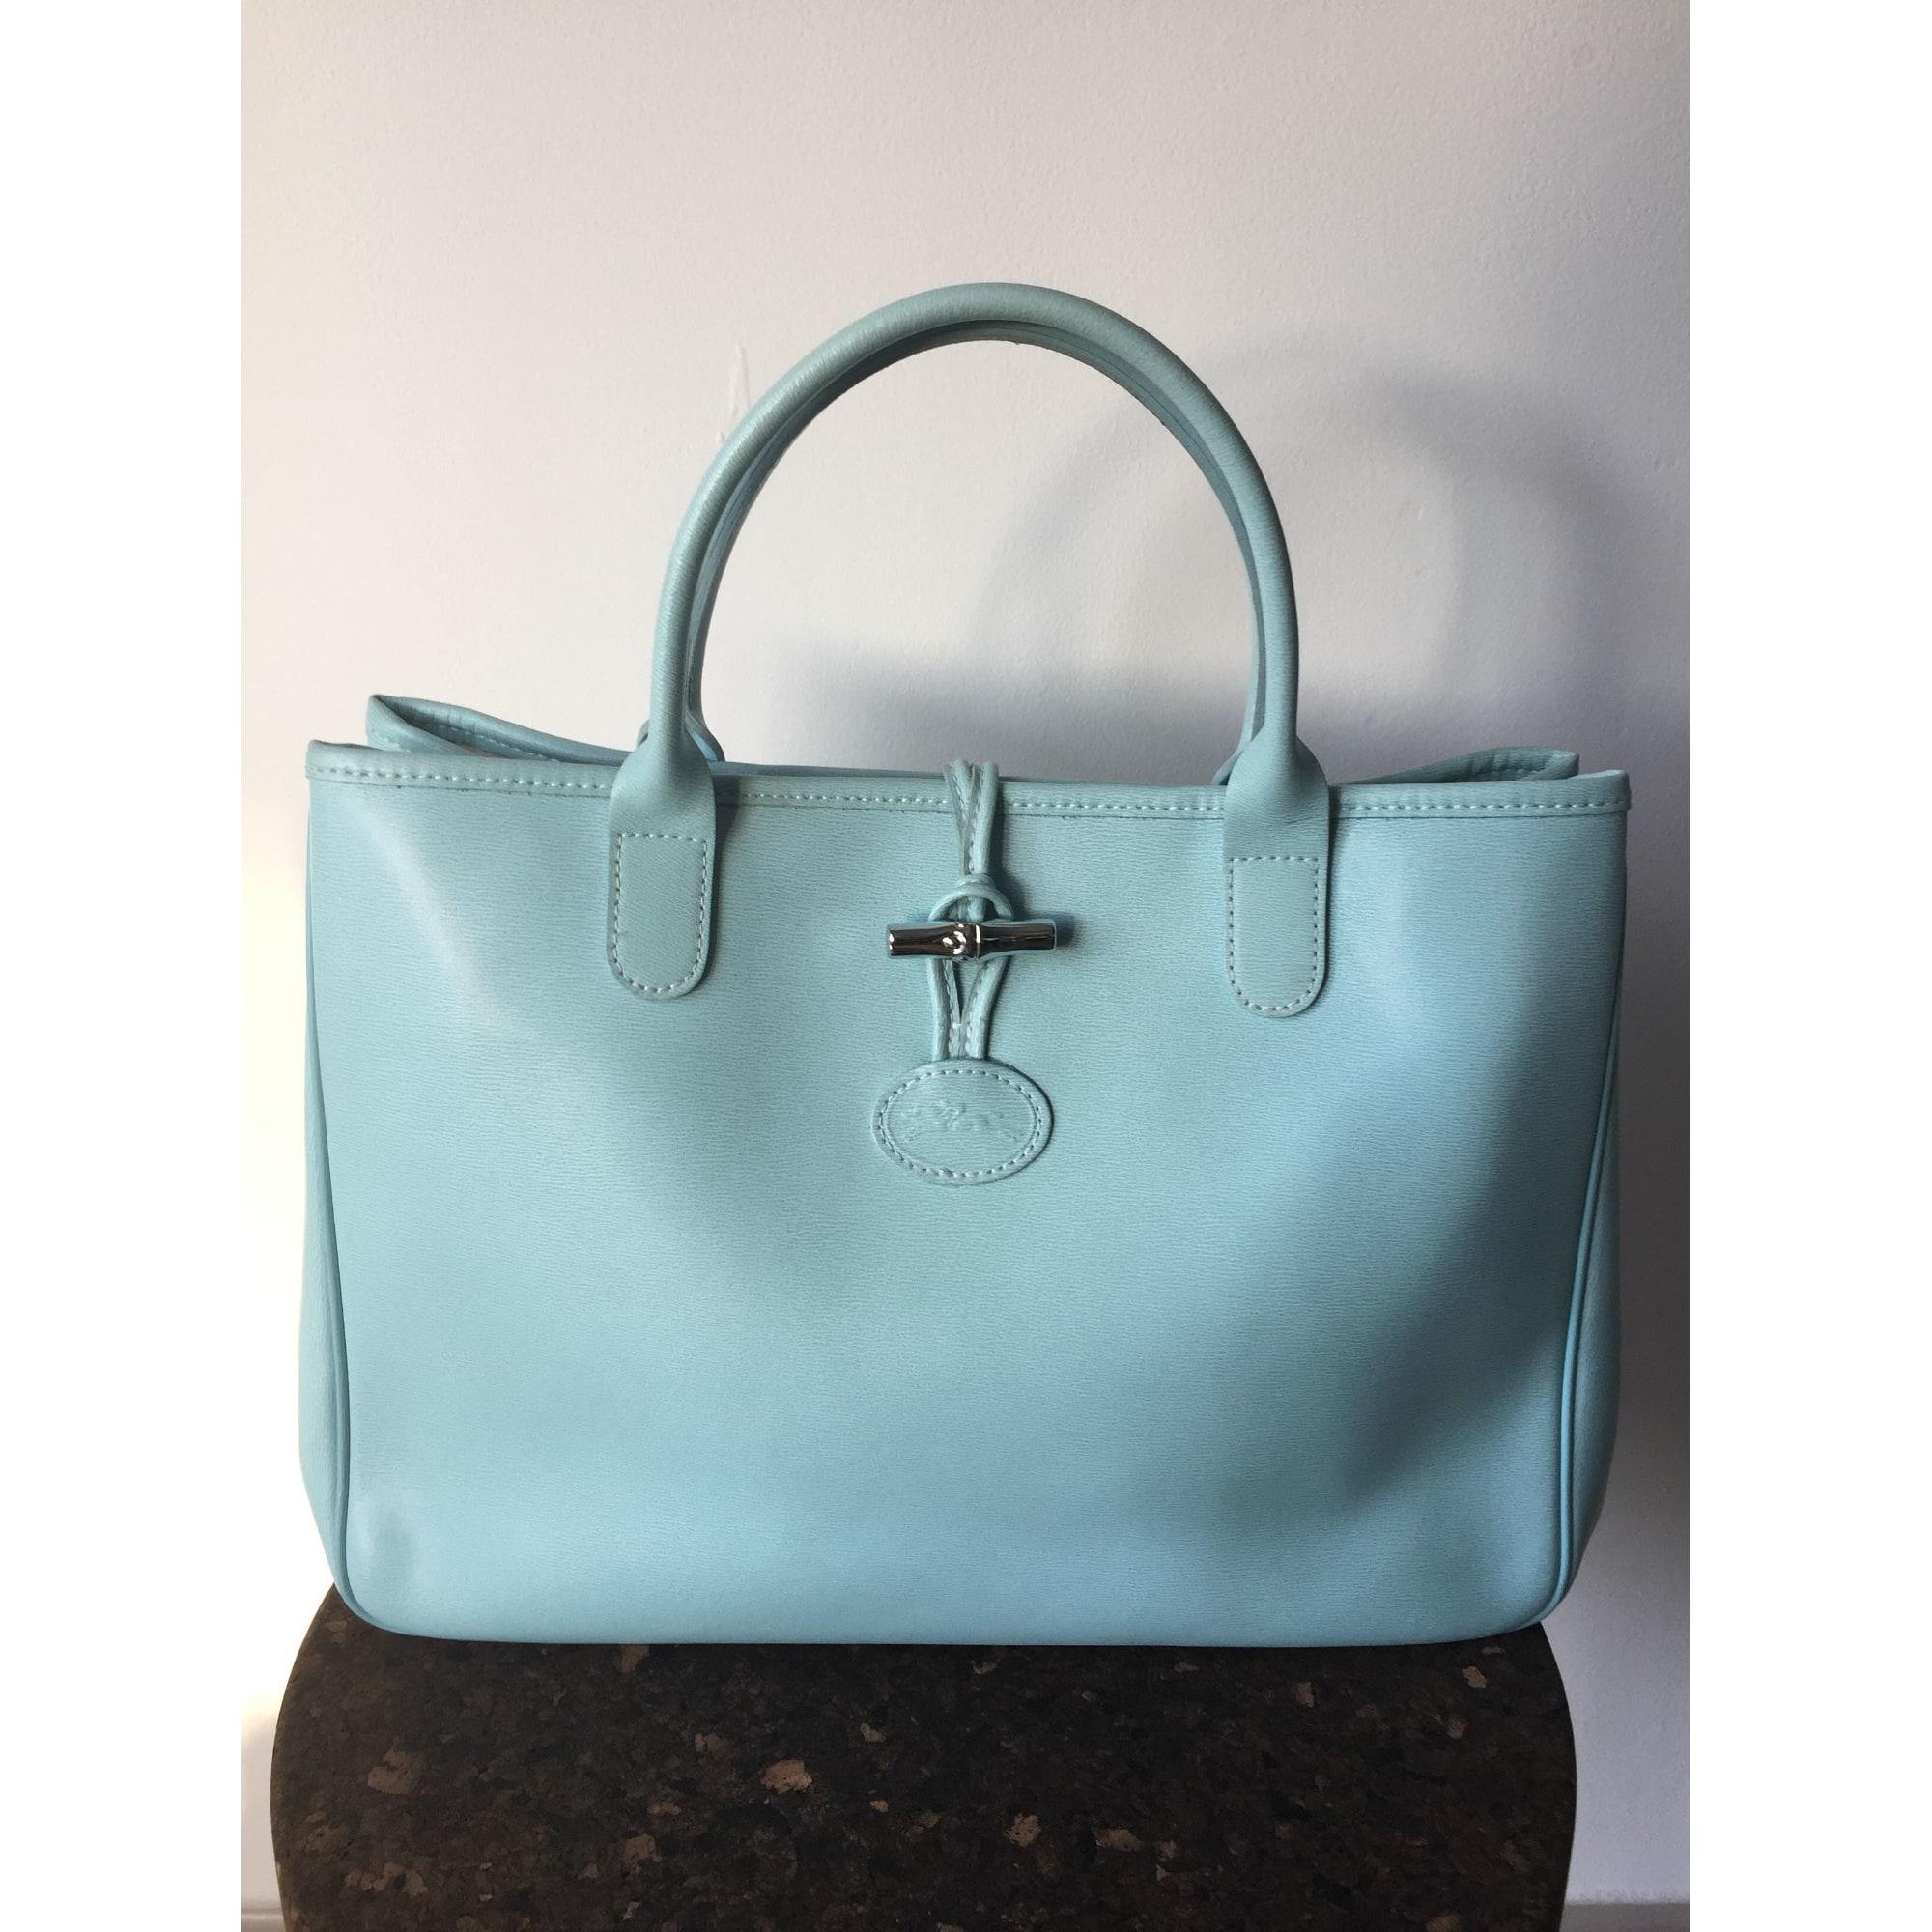 À Cuir Bleu Longchamp Main N08wvmn Sac 8512780 En DHWE9e2IYb